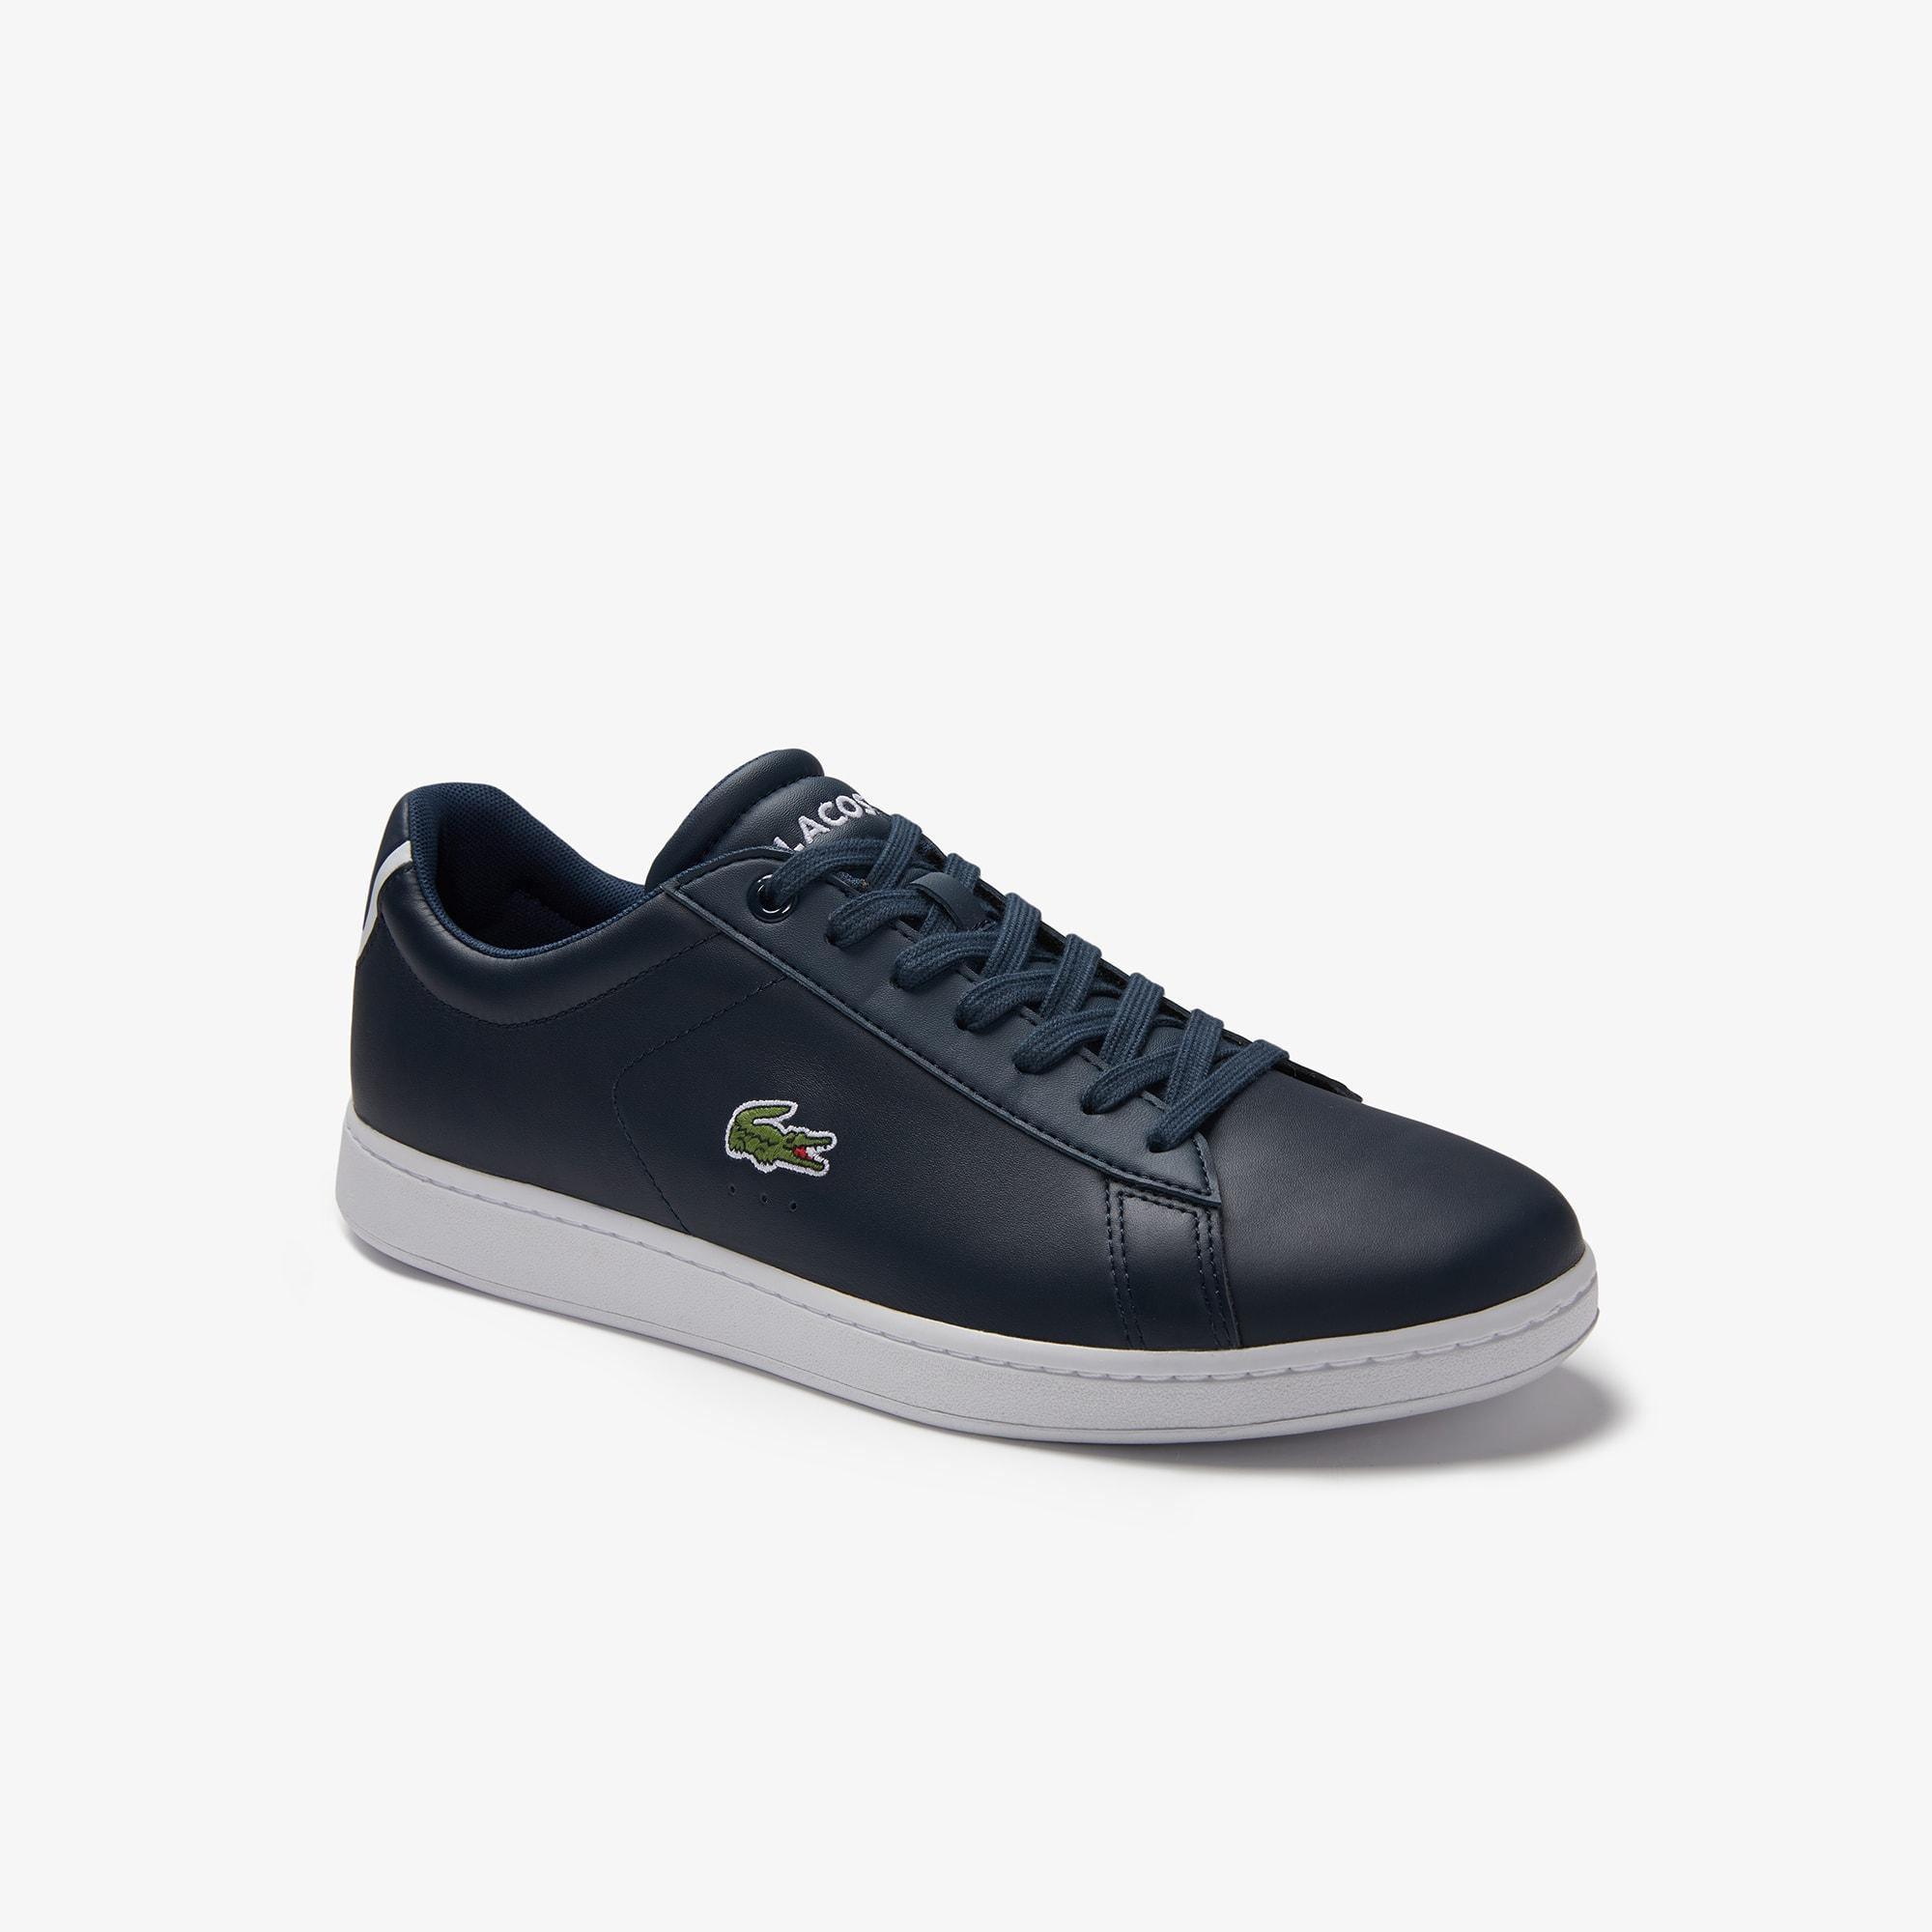 حذاء Carnaby Evo الرياضي من الجلد للرجال